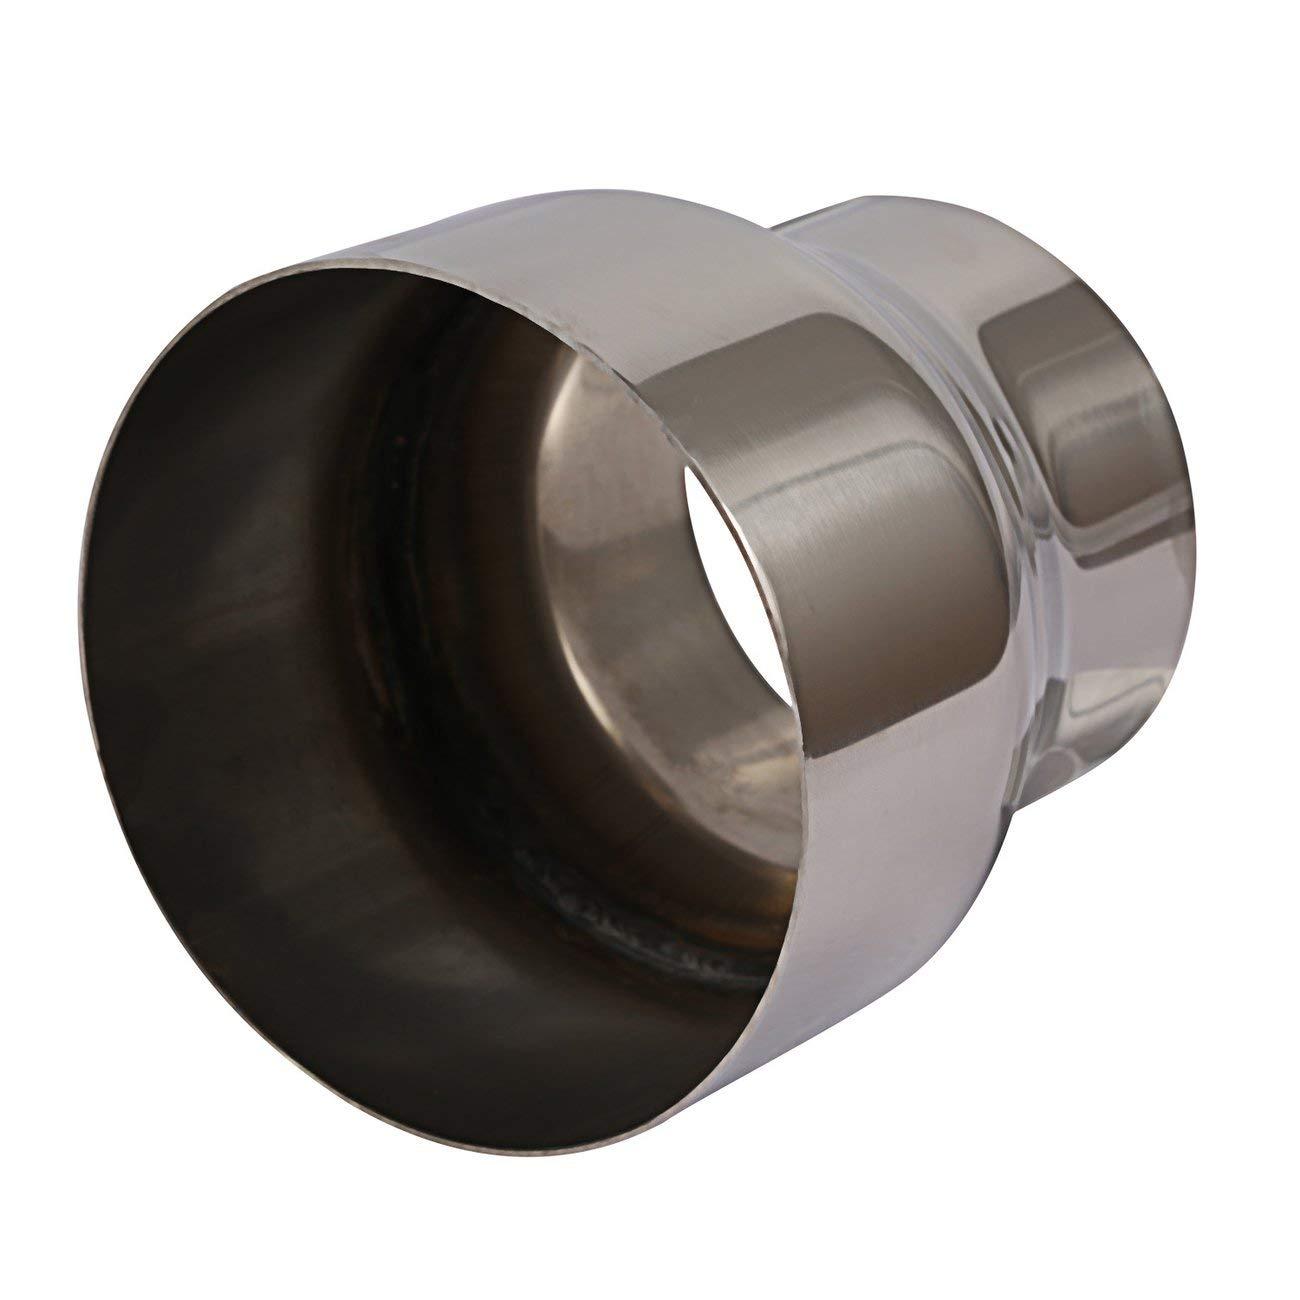 Silber JBP-X Universal 75 Mm-100 Mm Motorrad Ge/ändert Auspuff Rohr Adapter Reduzierer Anschluss Rohr Top4